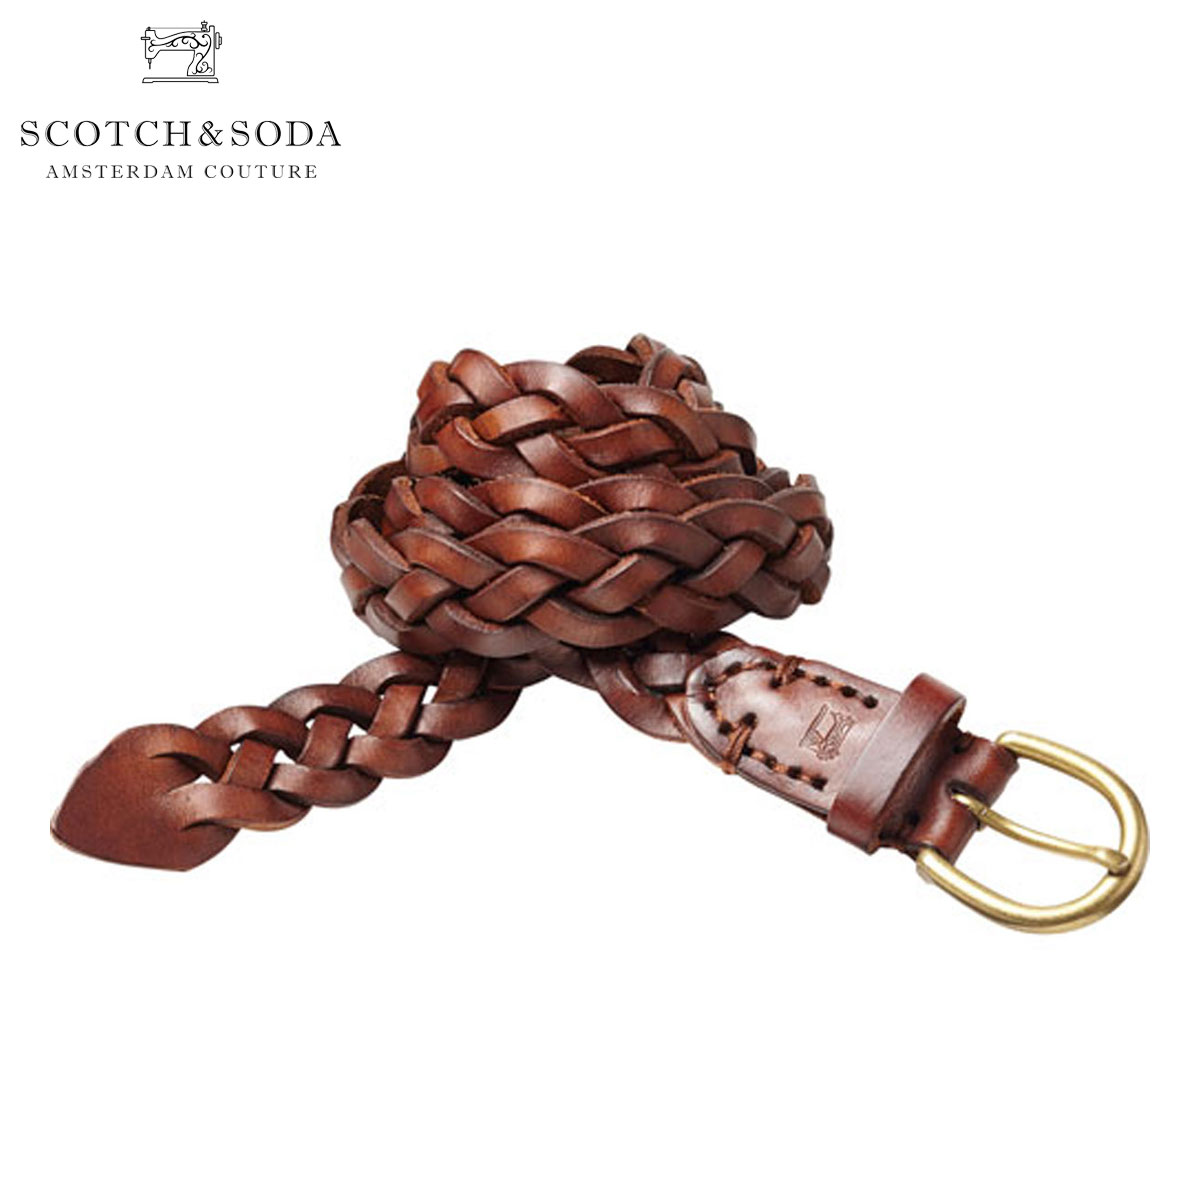 スコッチアンドソーダ ベルト 正規販売店 SCOTCH&SODA  Woven wax leather belt 76154 82 A39B B1C C3D D6E E04F